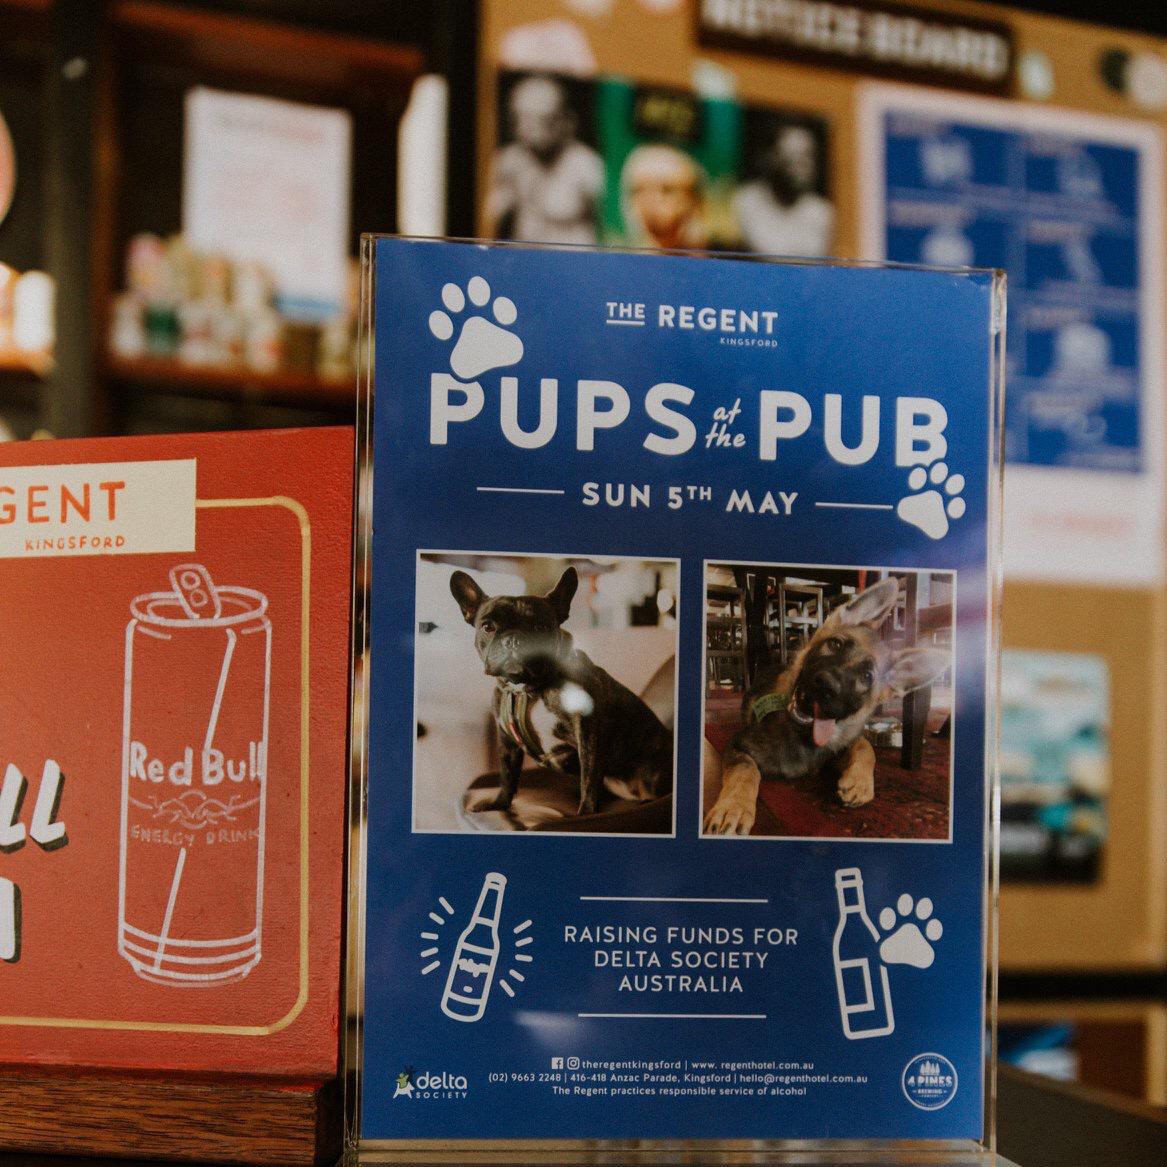 regent pups at the pub poster design